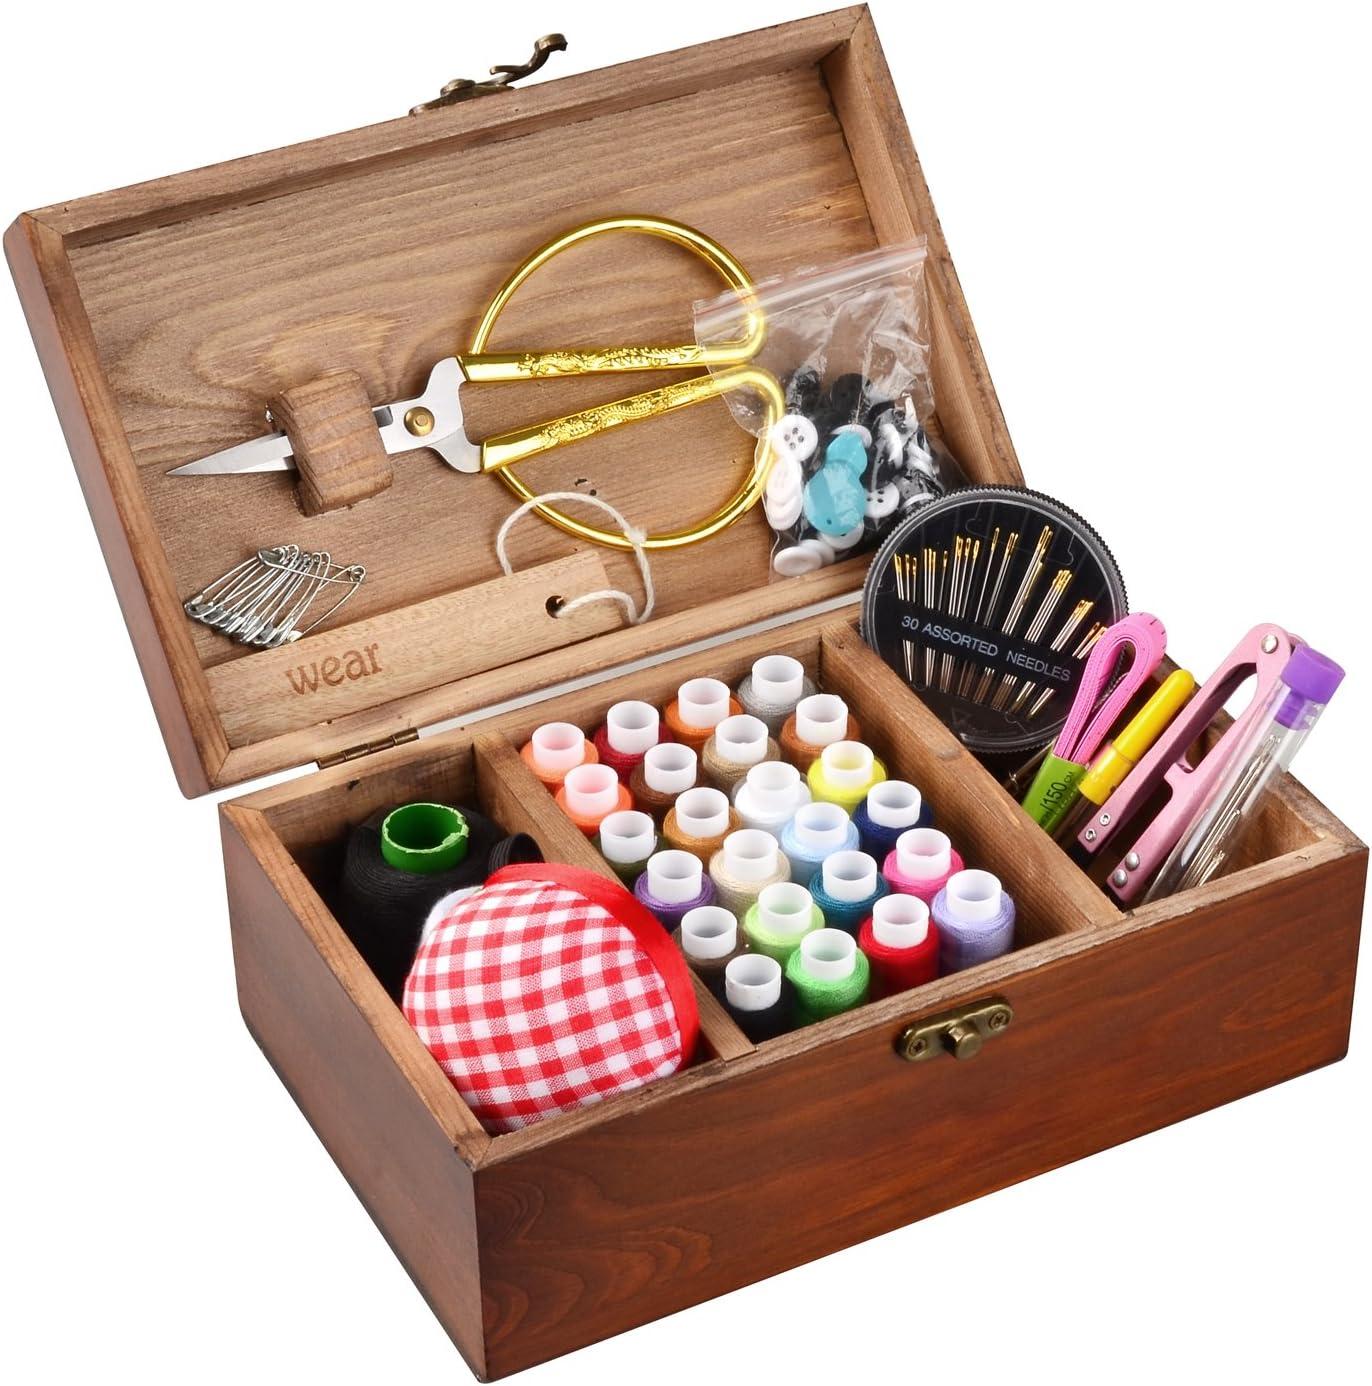 ISOTO - Cesta de coser de madera con kit de costura, accesorios vintage caja de organización para Mon Grandma Niña Mujeres Hobbyista Hogar